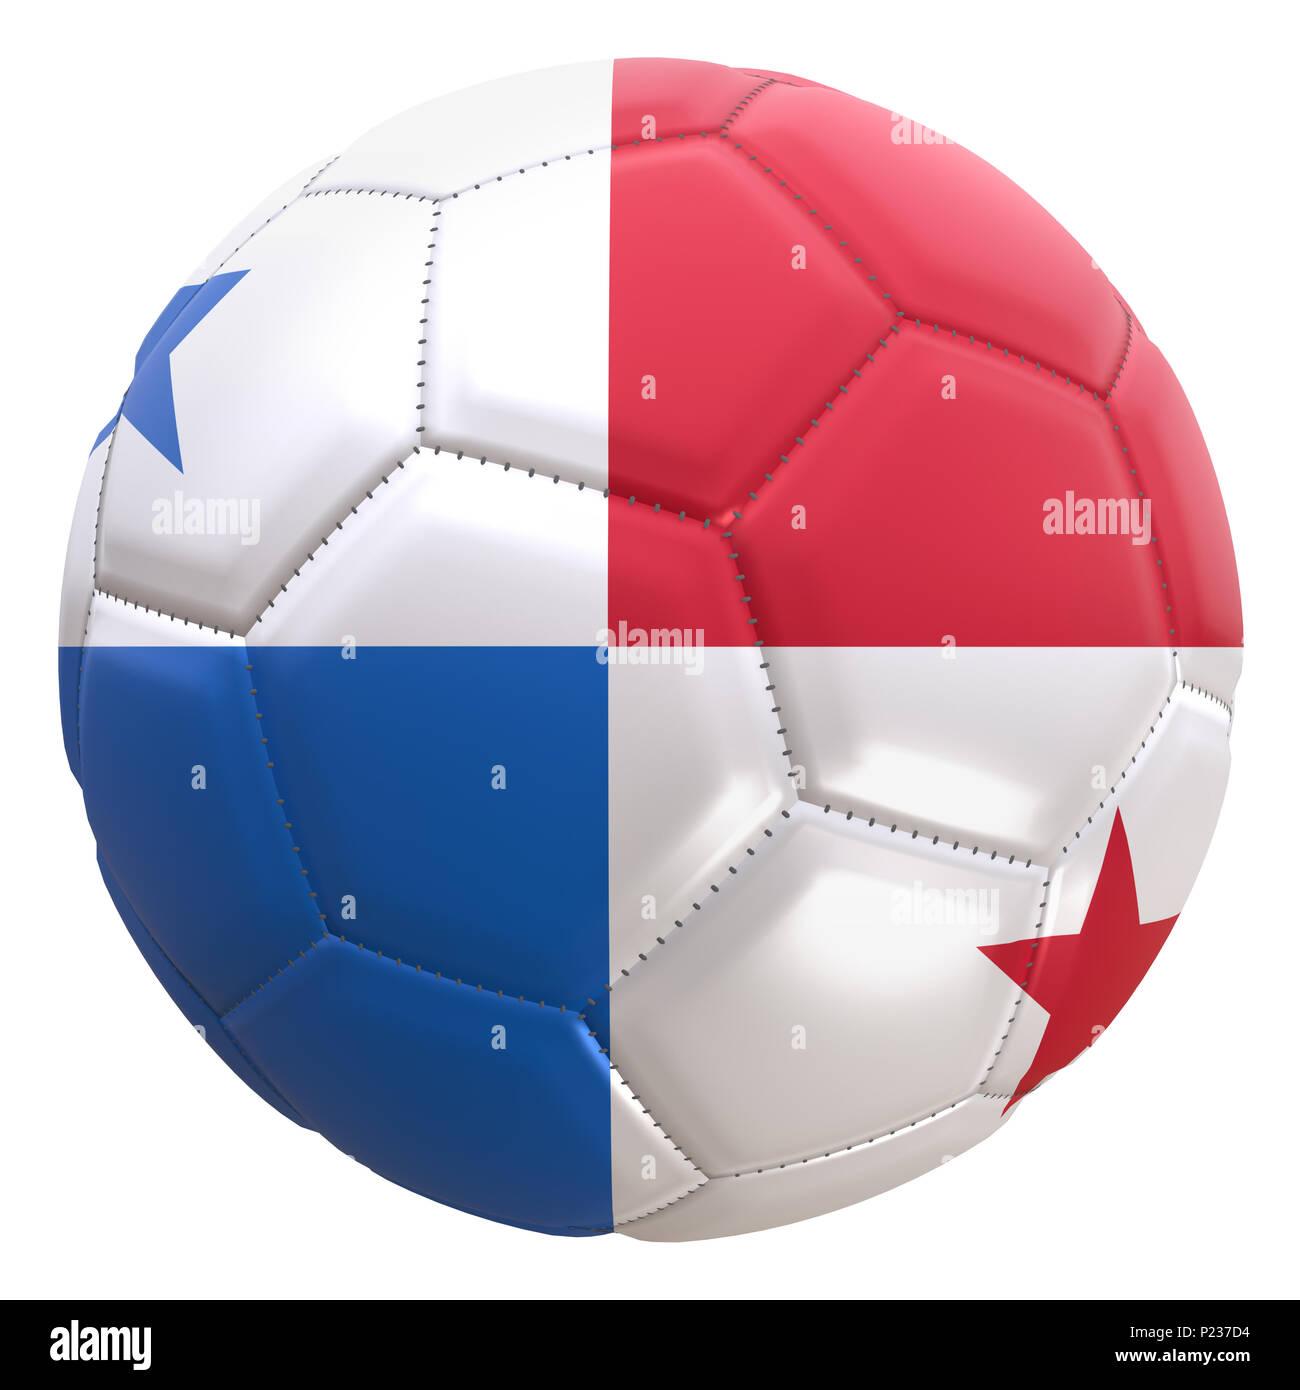 Representación 3D de una bandera de Panamá en un balón de fútbol. Panamá es  uno 168eed04b37ee